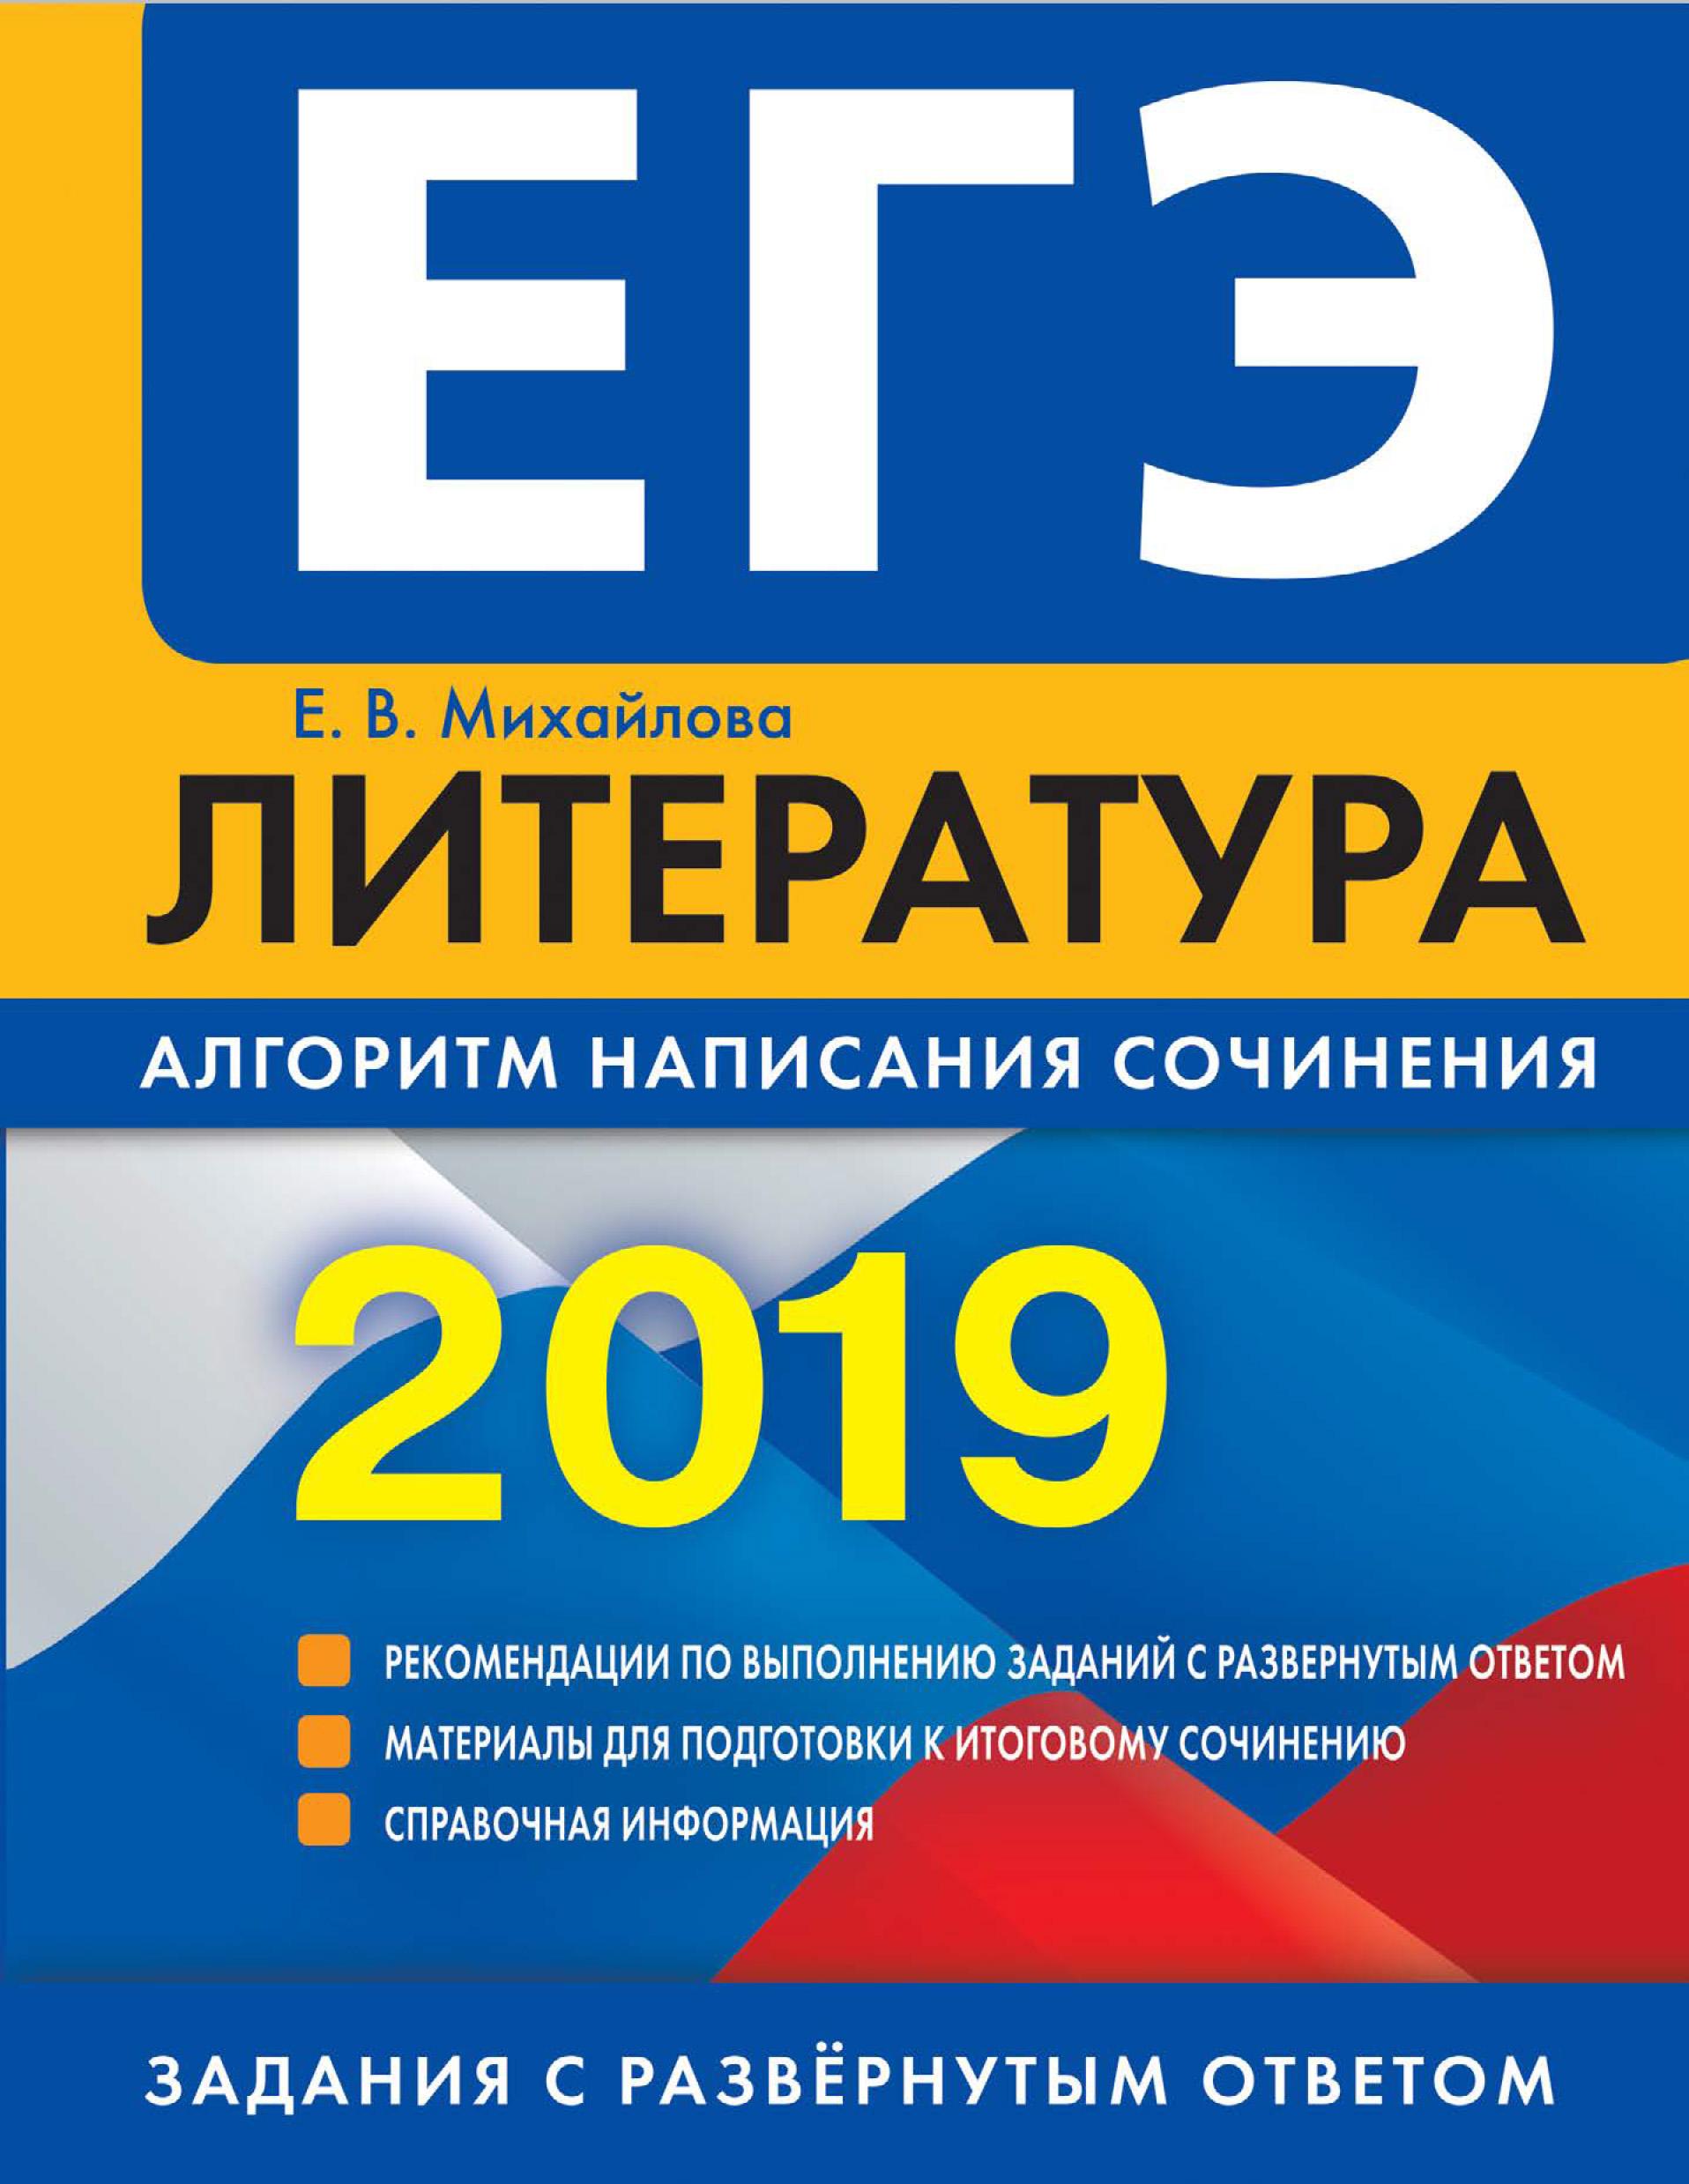 Е. В. Михайлова ЕГЭ-2019. Литература. Алгоритм написания сочинения цена